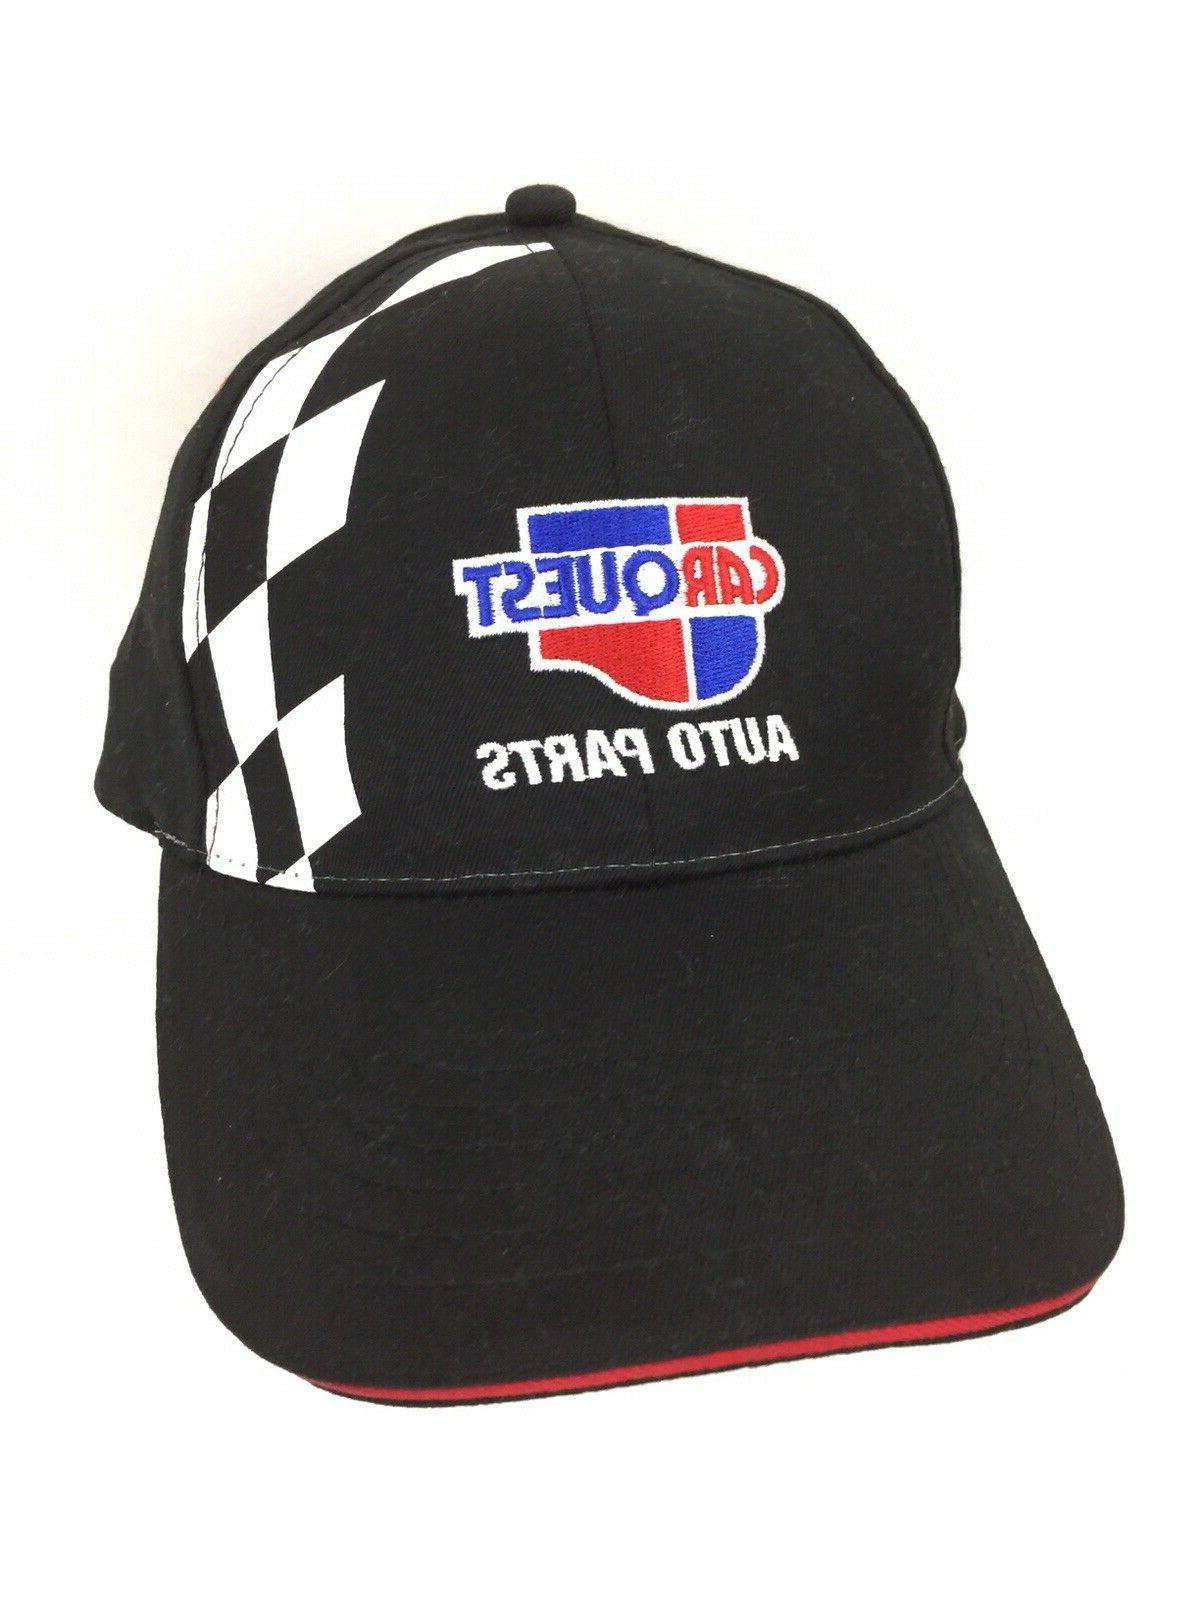 Carquest Parts Cap Flag Hat Racing Trucker